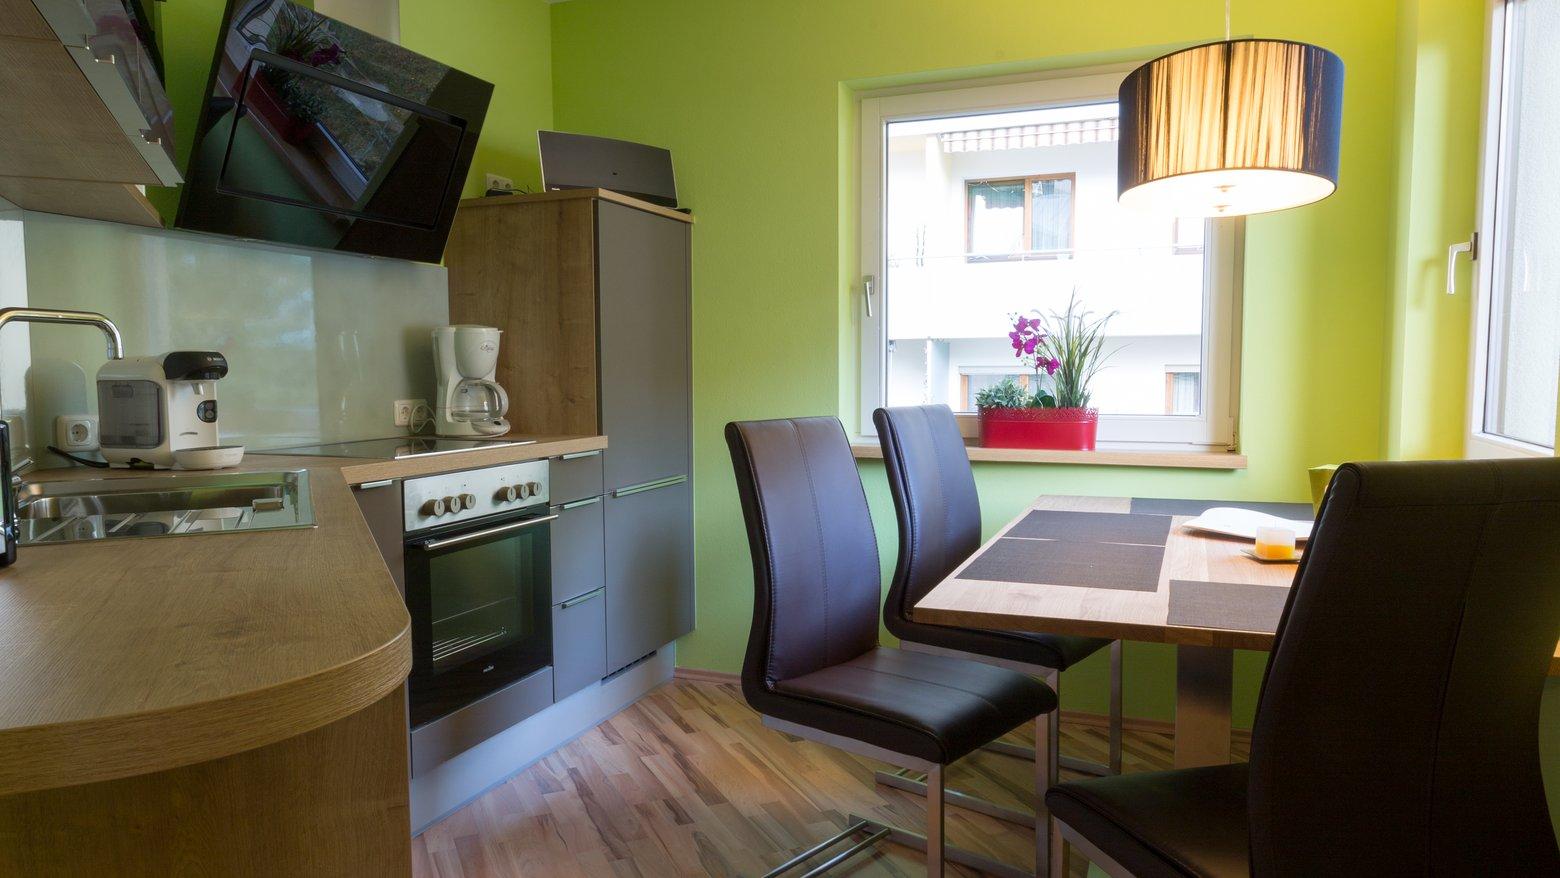 Top ausgestattete Wohnküche